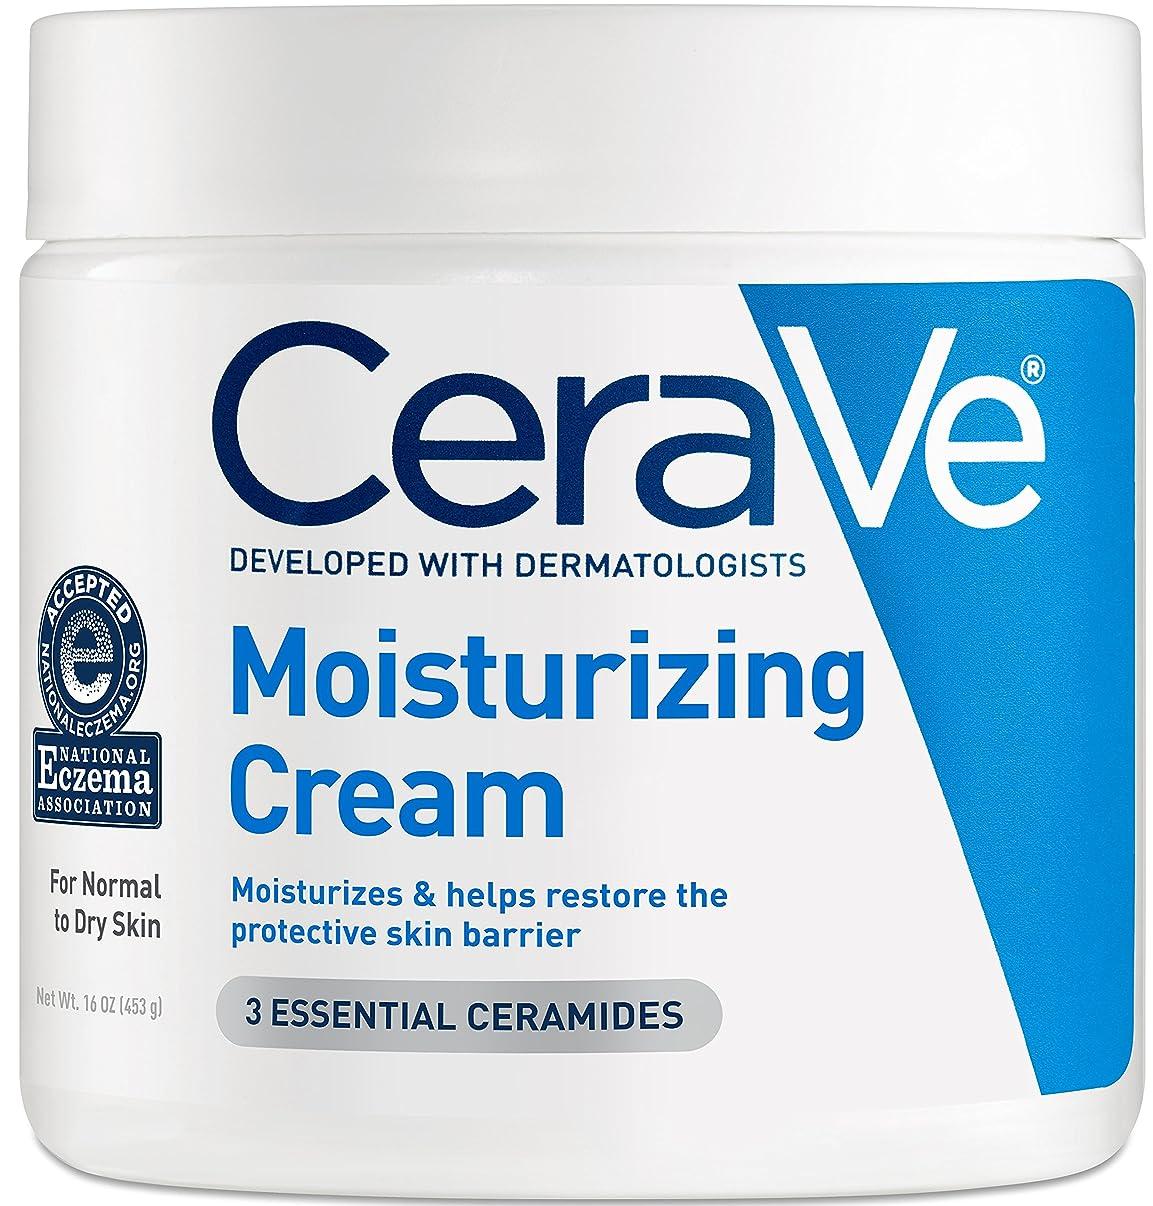 安西レンダリング見捨てられた海外直送品Cerave Cerave Moisturizing Cream, 16 oz